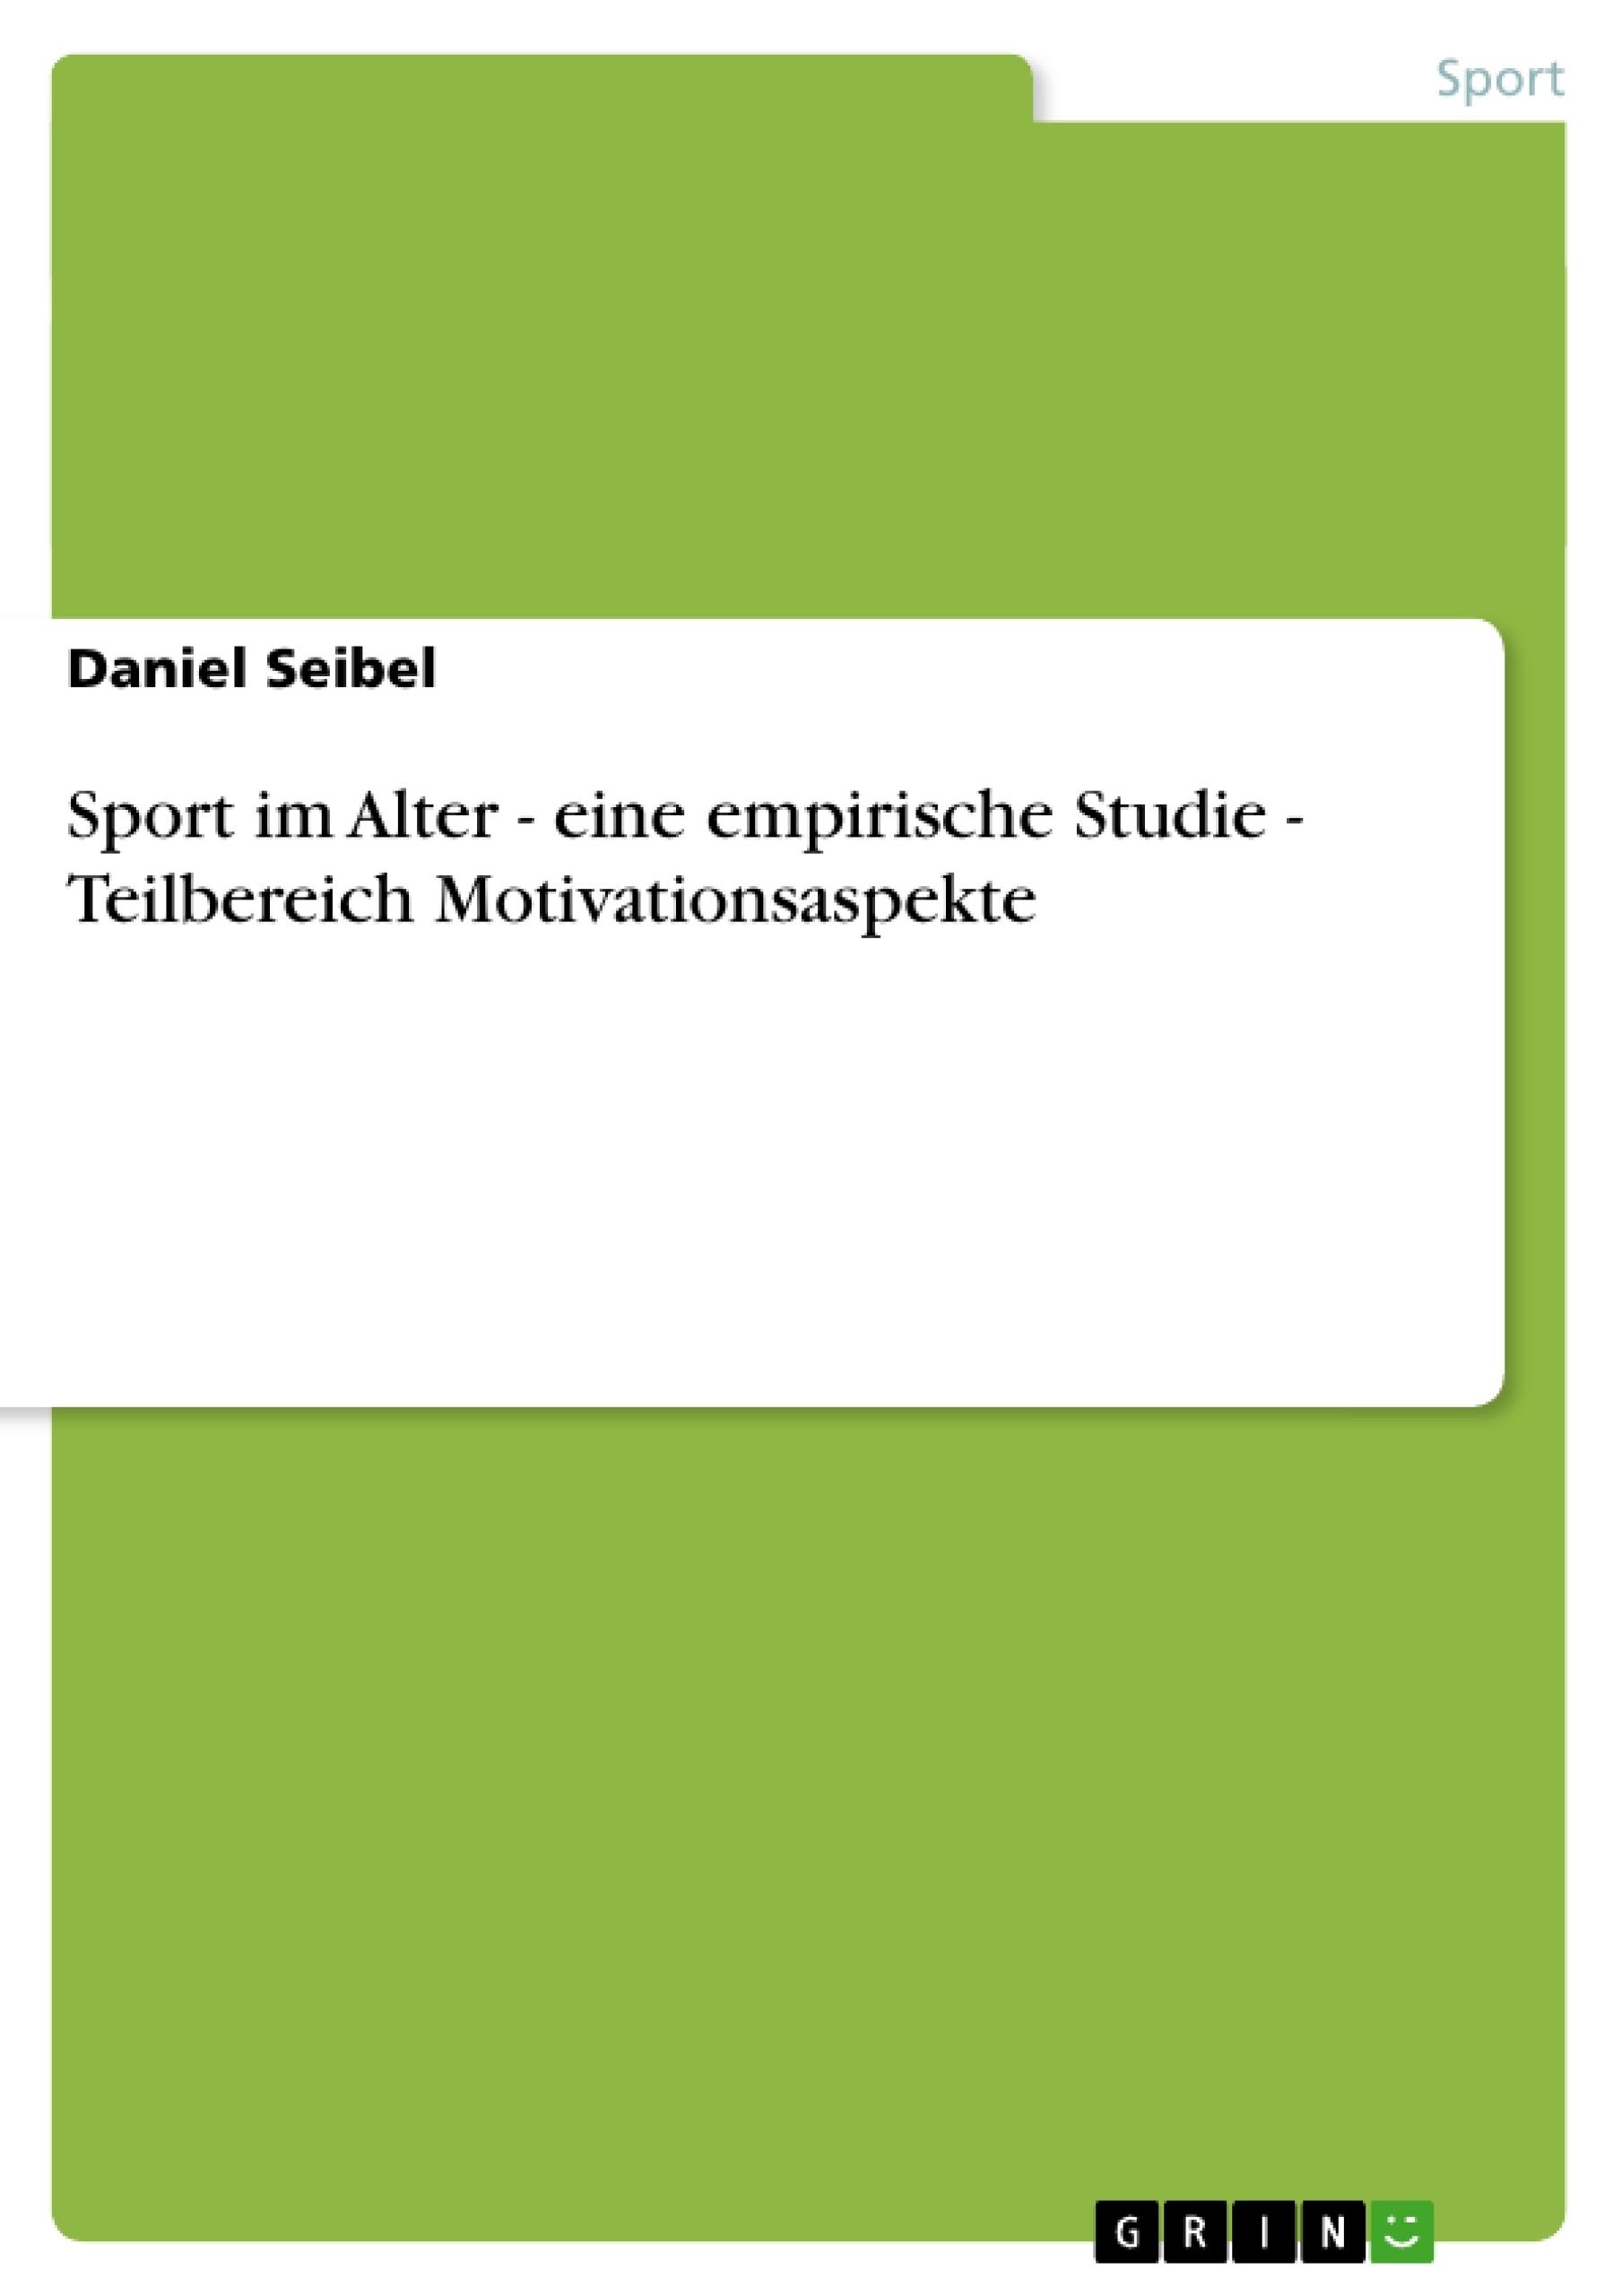 Titel: Sport im Alter - eine empirische Studie - Teilbereich Motivationsaspekte